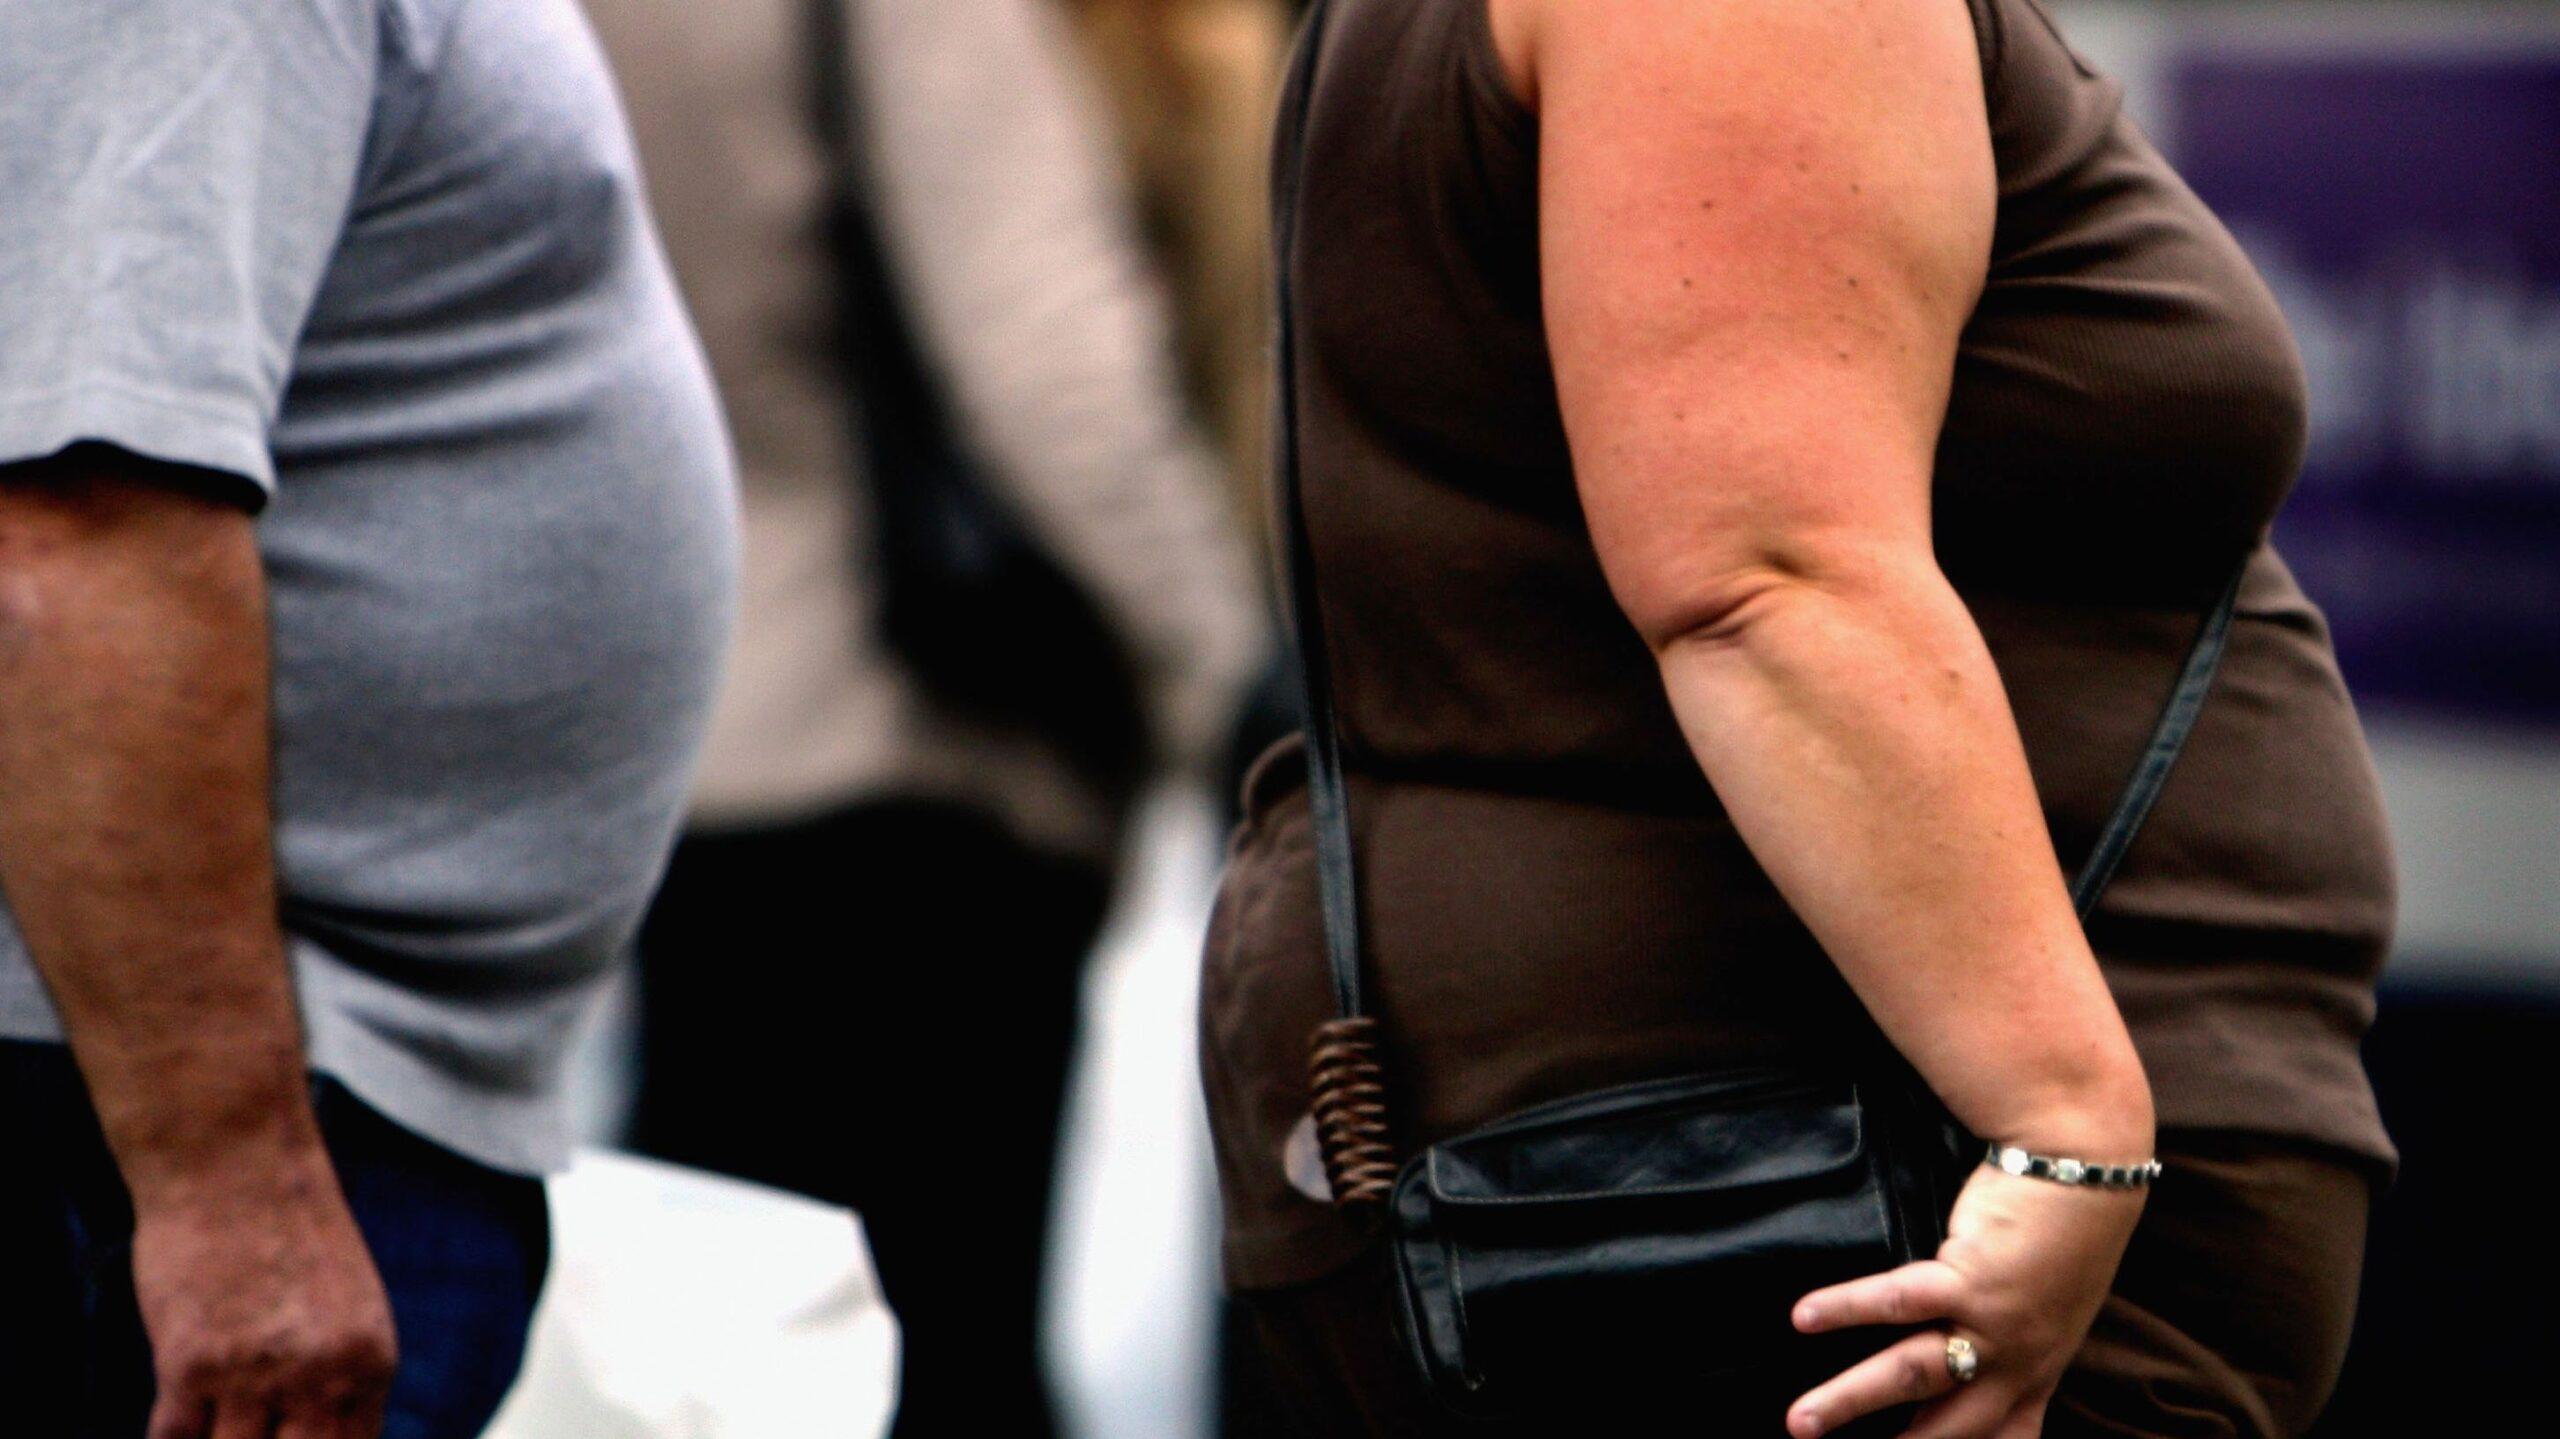 Η ασπροσίνη μπορεί να βοηθήσει στον έλεγχο της όρεξης και του βάρους